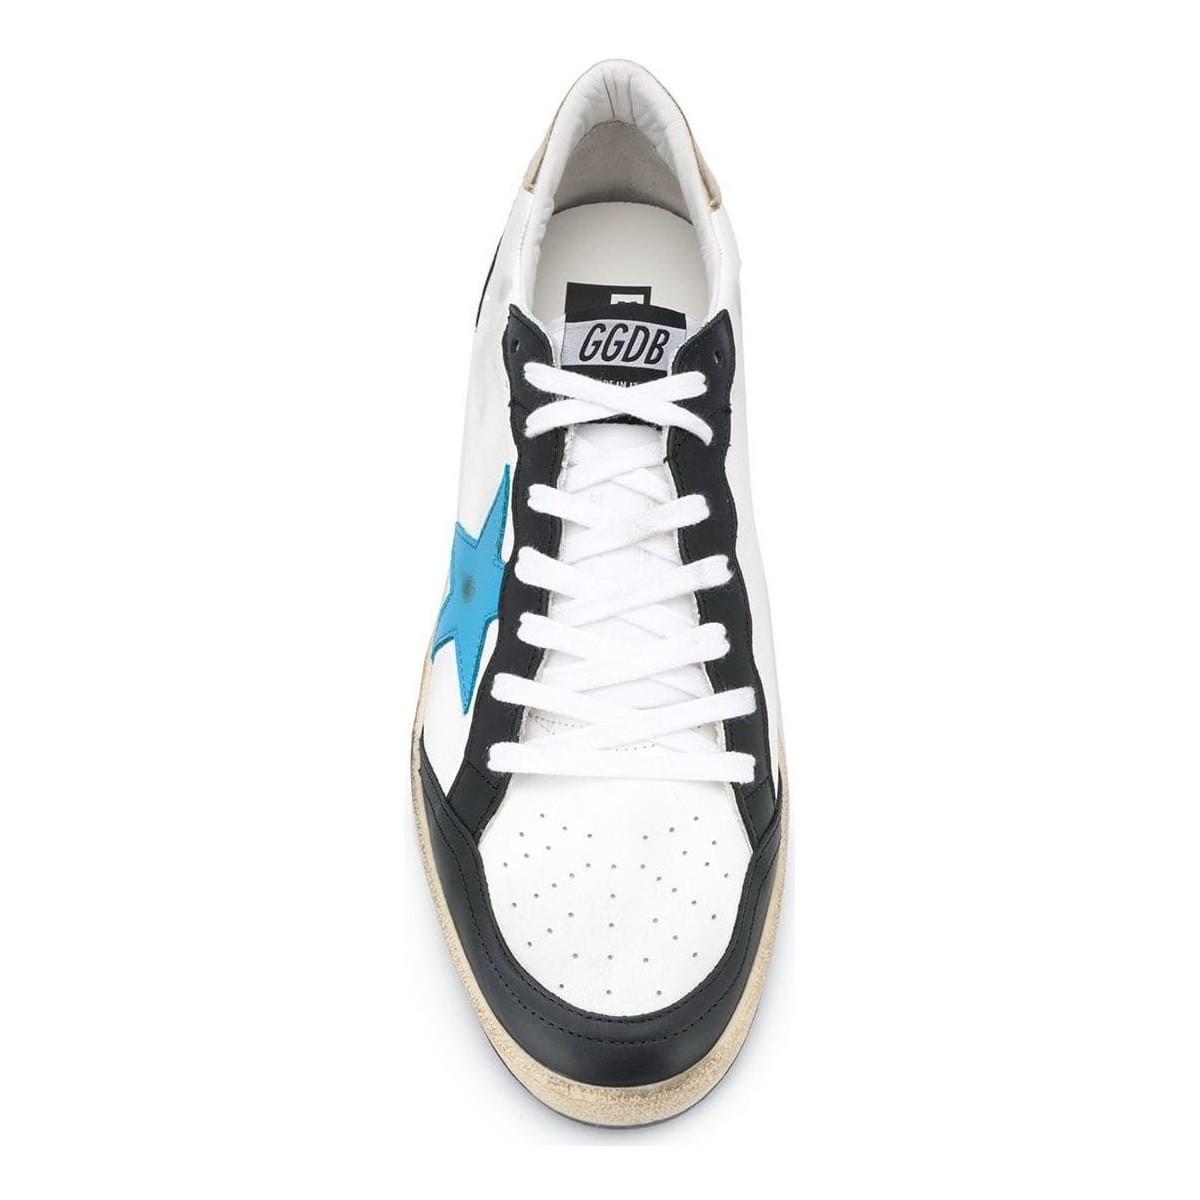 BASKETS HOMME Chaussures Plumes d'oie Golden Goose Deluxe Brand pour homme en coloris Blanc Ft3M